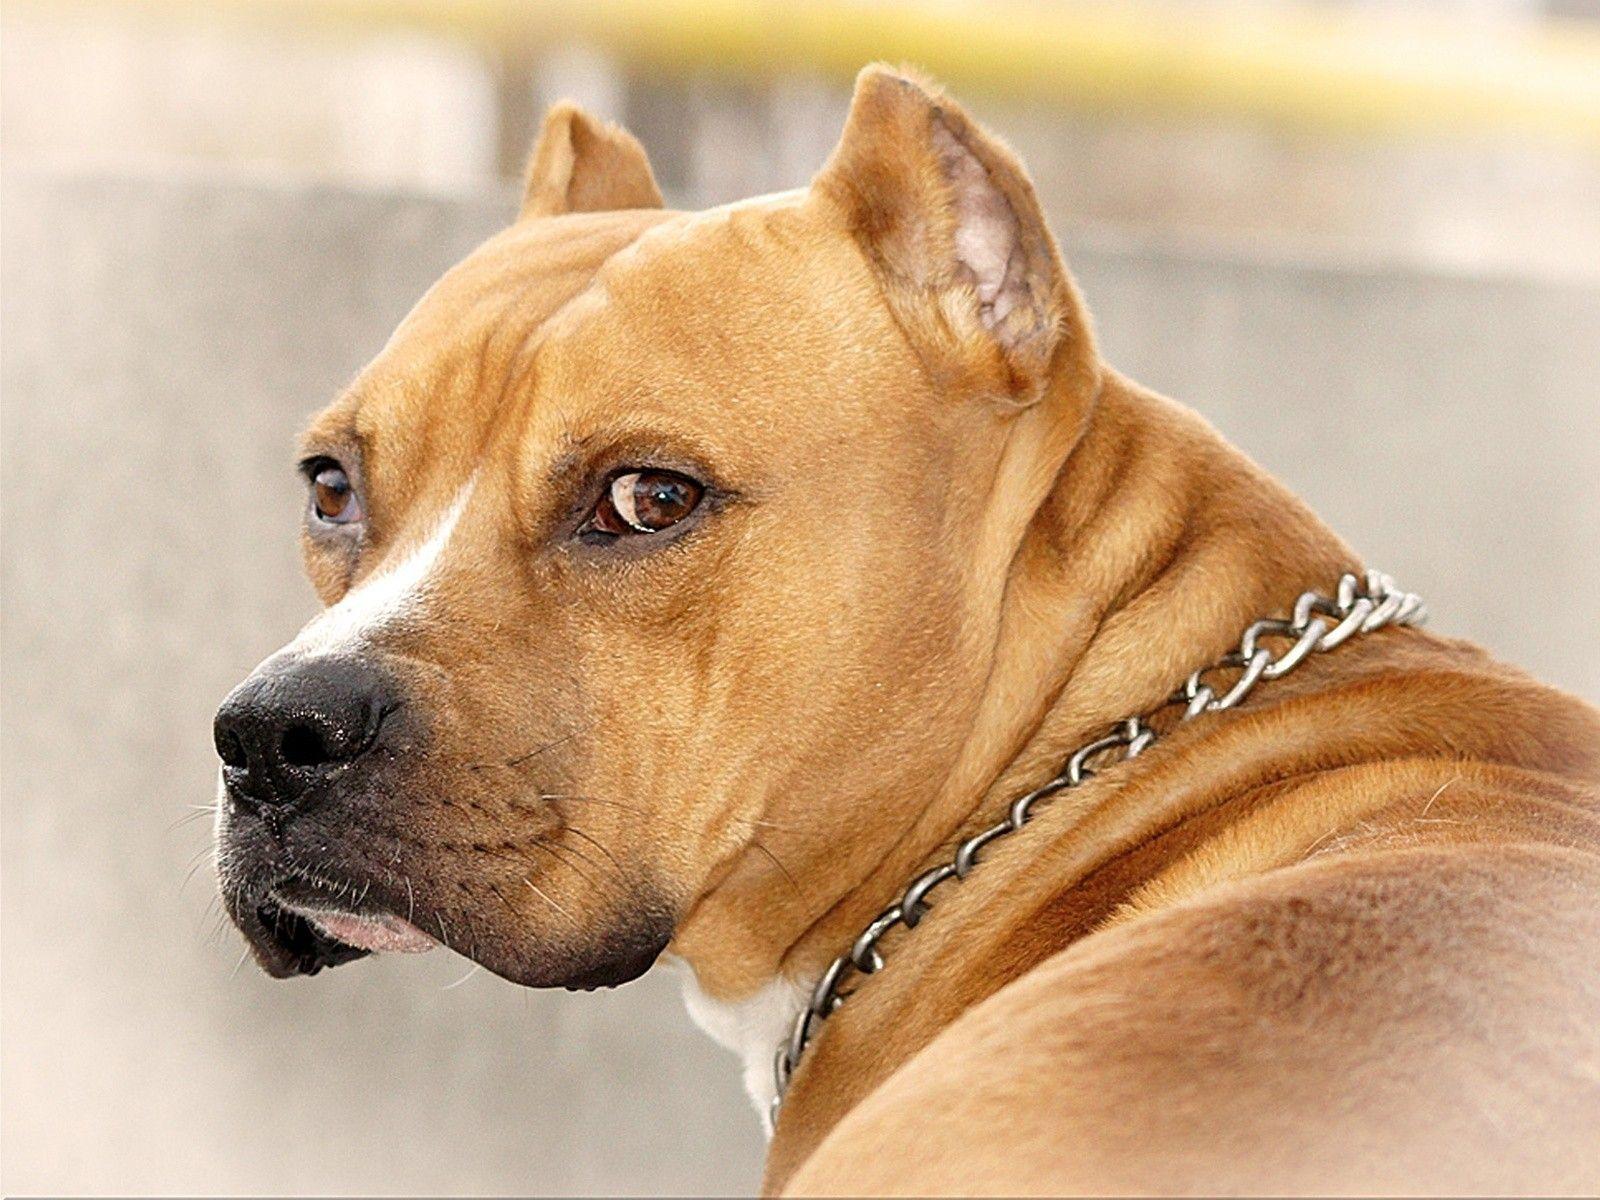 Pitbull dog hd wallpapers 1080p dog labrador 2121819. Neon Pitbull Wallpapers On Wallpaperdog